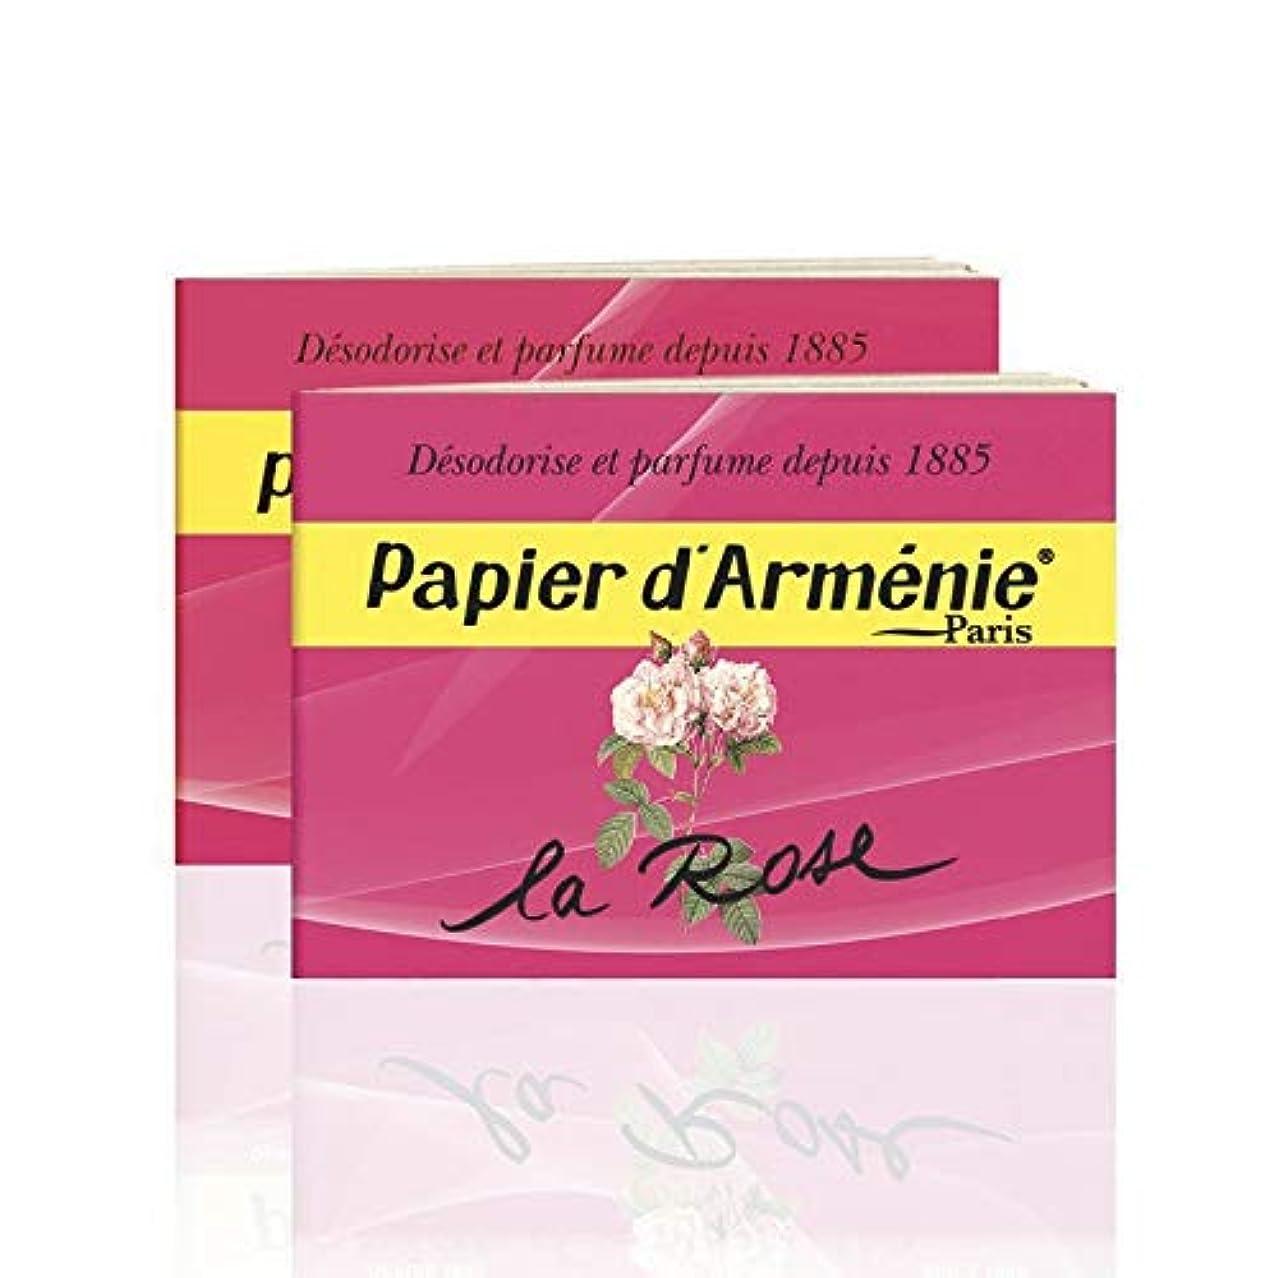 透けて見える名門テーブルPapier d'Arménie パピエダルメニイ ローズ 紙のお香 フランス直送 [並行輸入品] (2個)